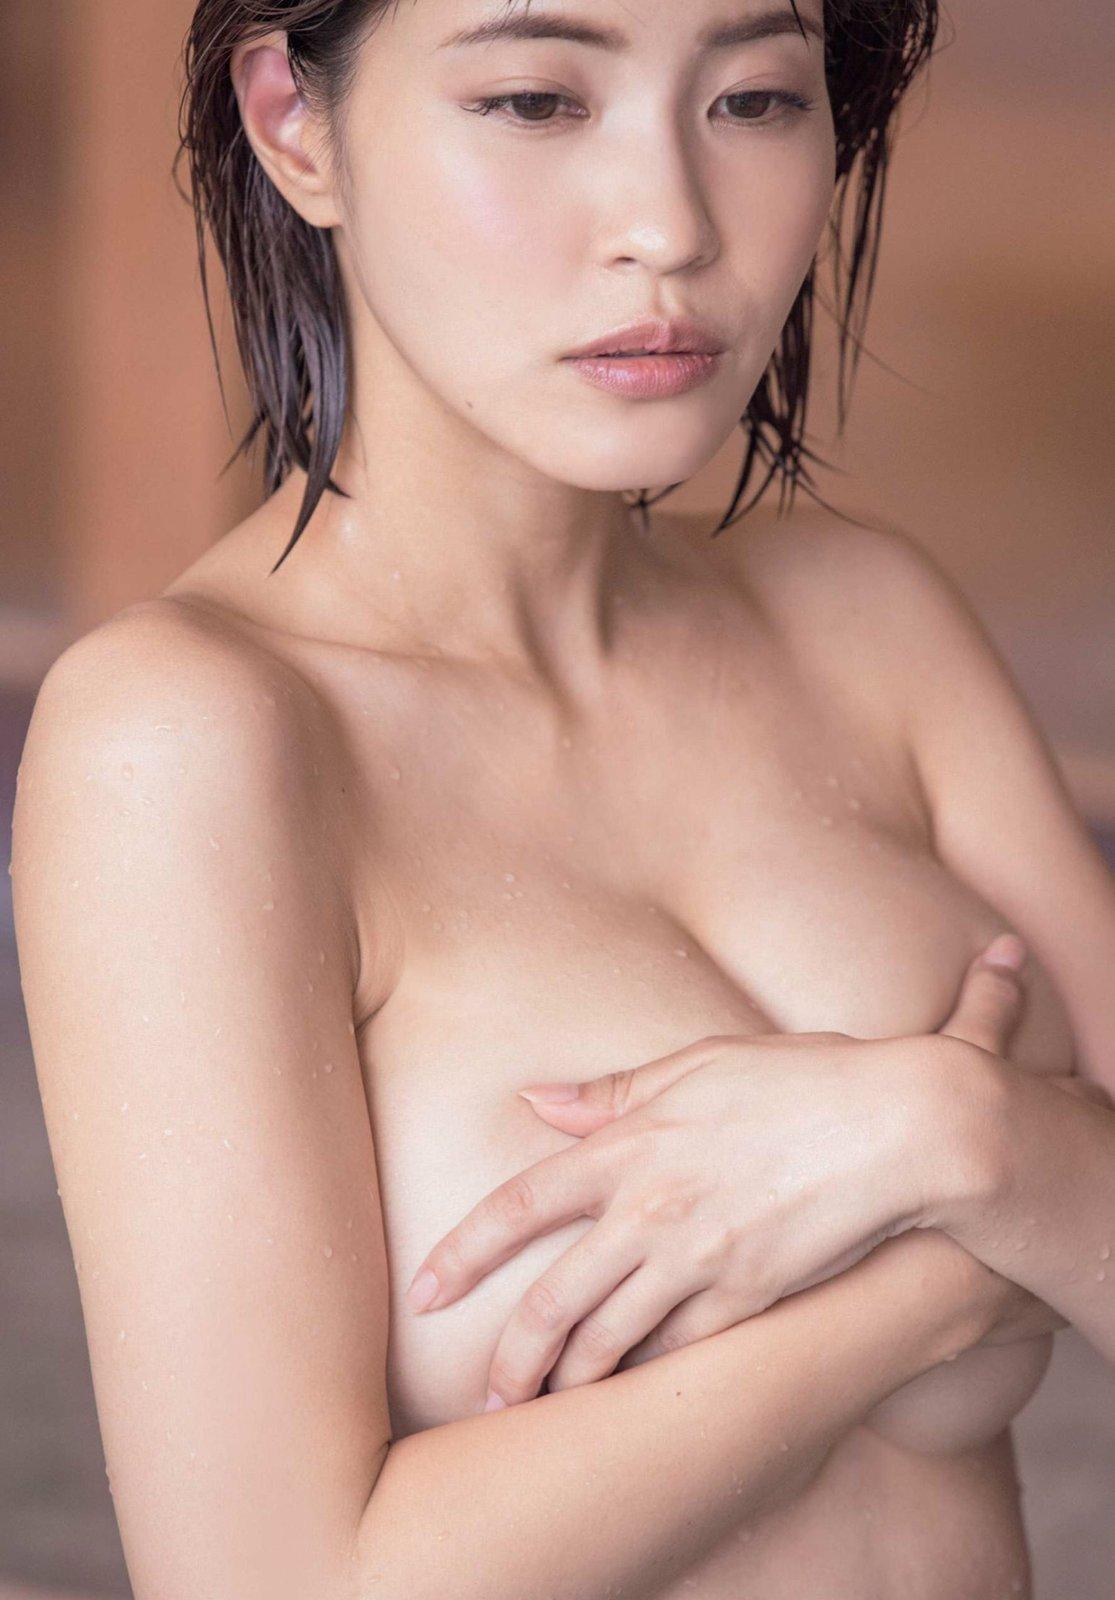 岸明日香 108